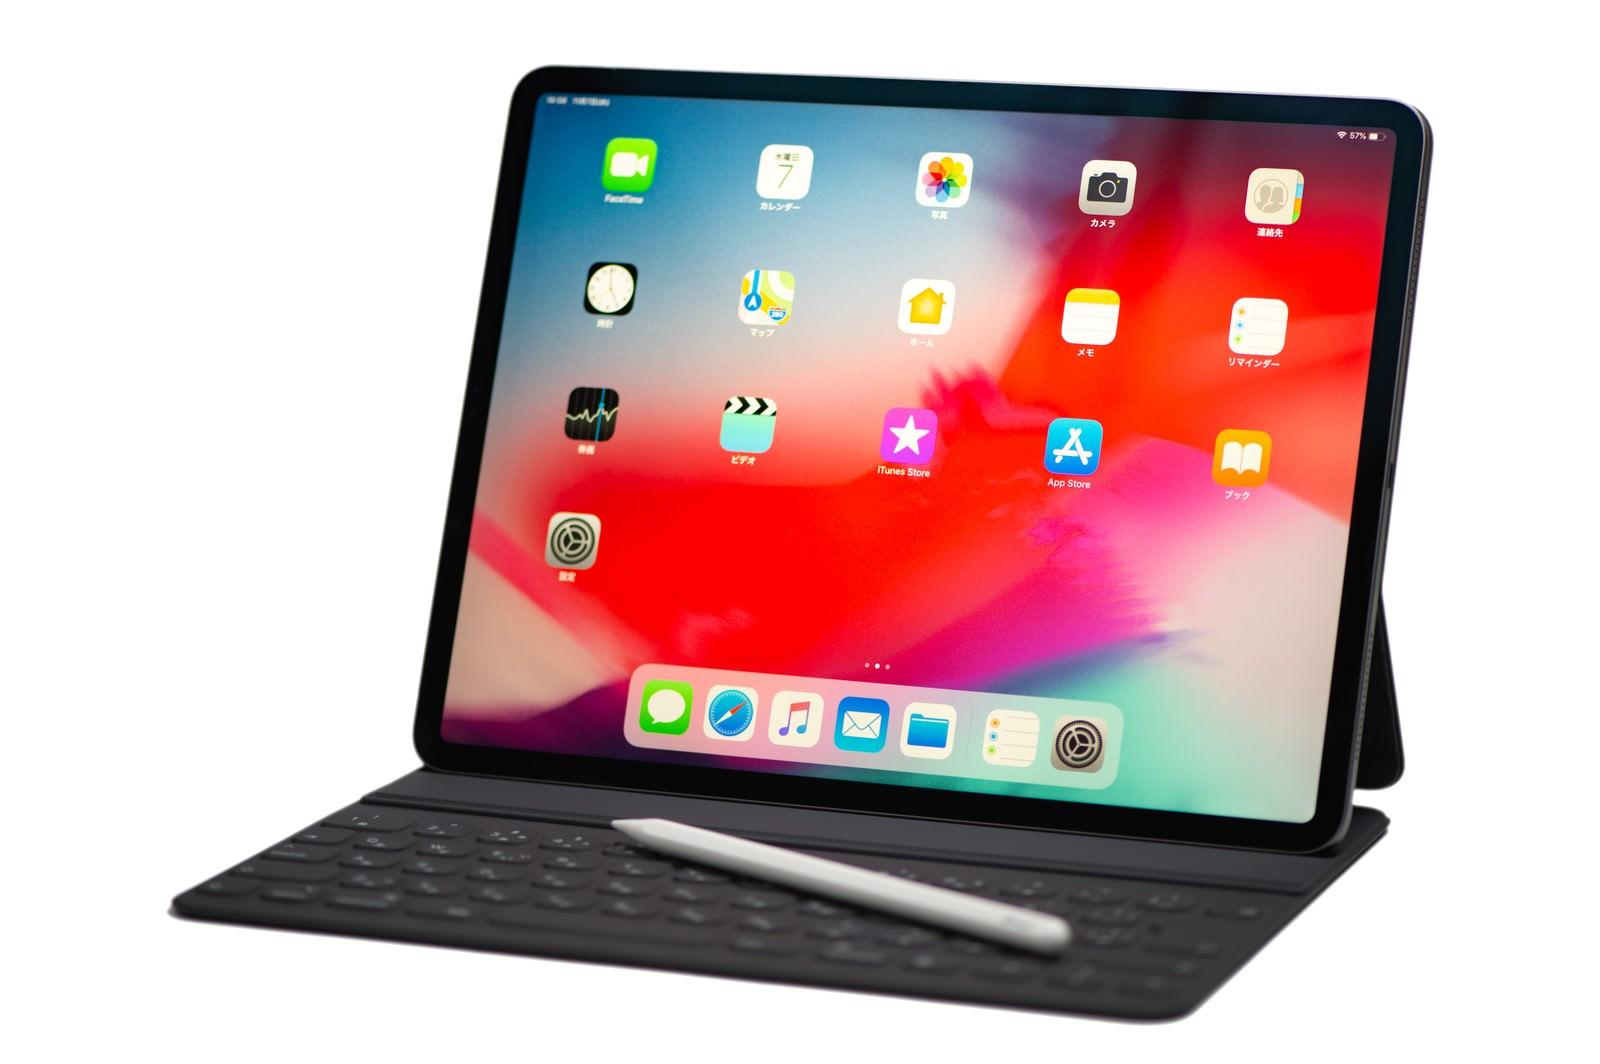 「Apple pencilを乗せた12.9インチ iPad Pro 2018とSmart Keyboard FolioApple pencilを乗せた12.9インチ iPad Pro 2018とSmart Keyboard Folio」のフリー写真素材を拡大